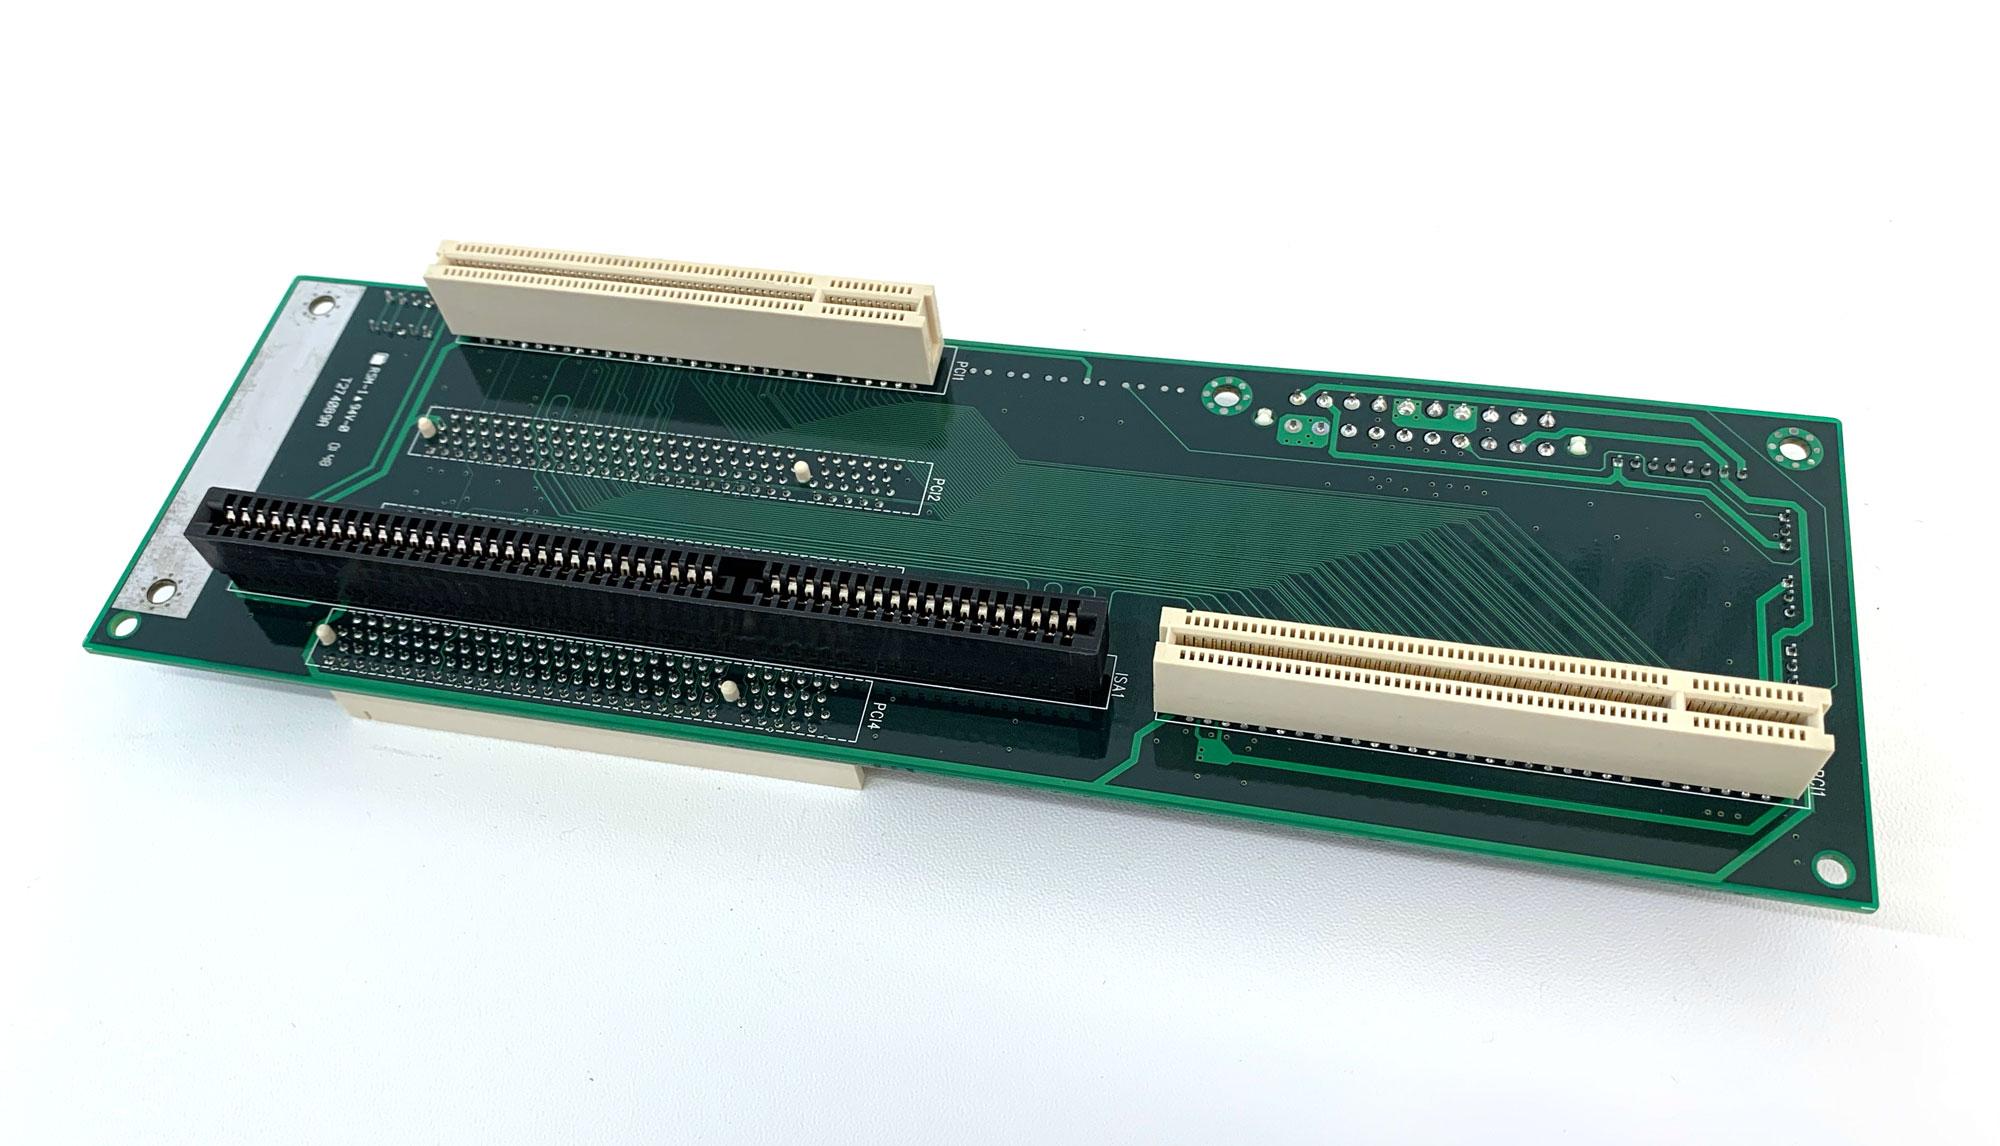 PCA-6105P4V - 5 Slot PCI Backplane für 2HE Gehäuse